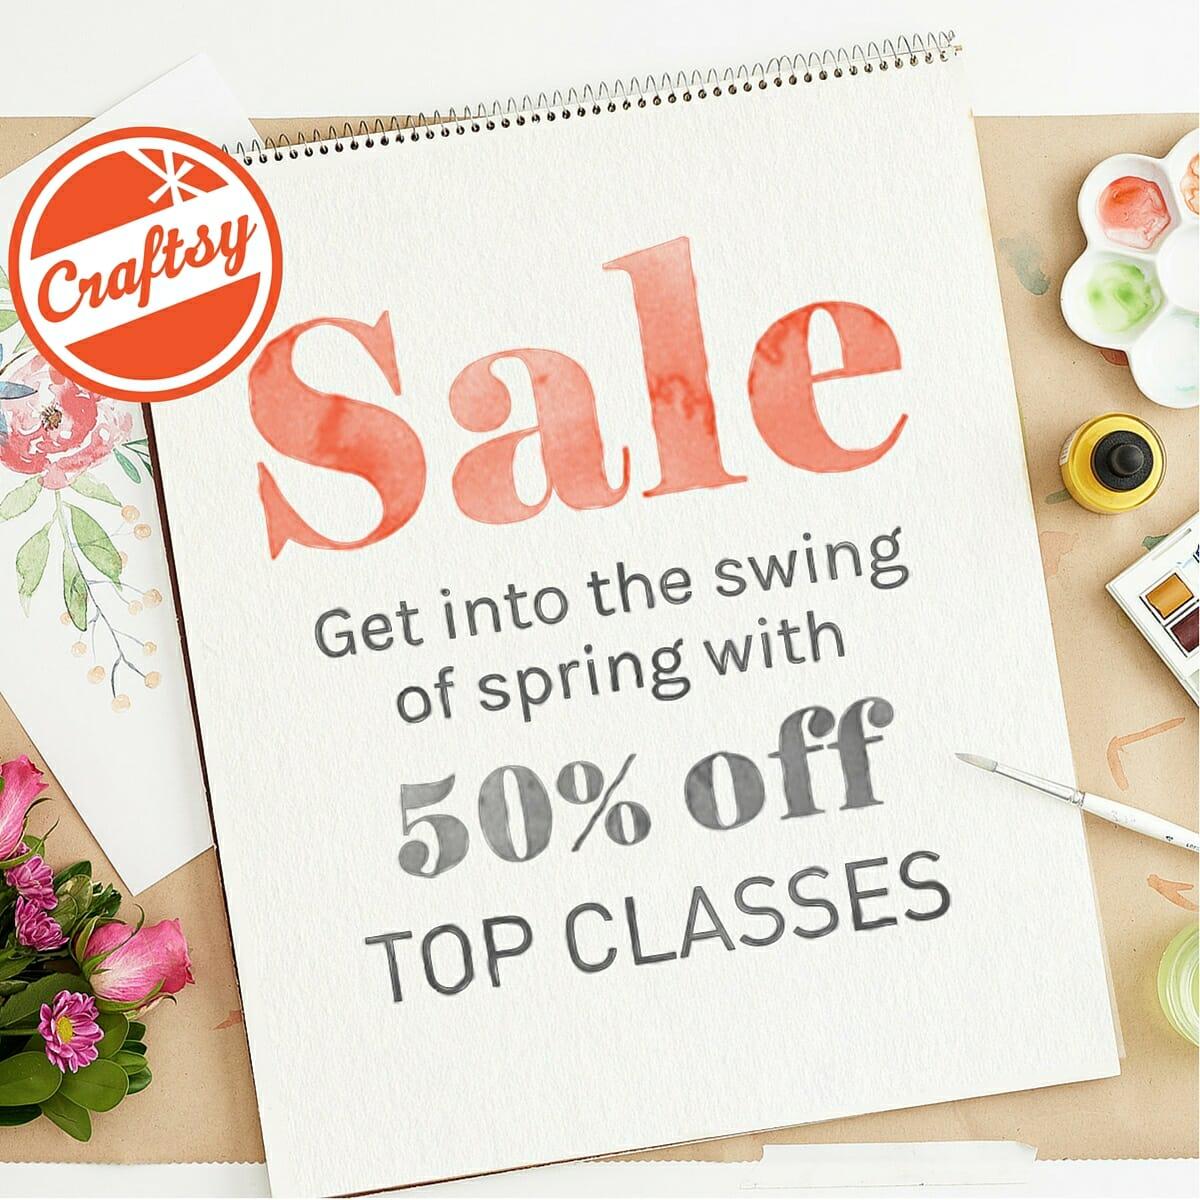 craftsy spring sale